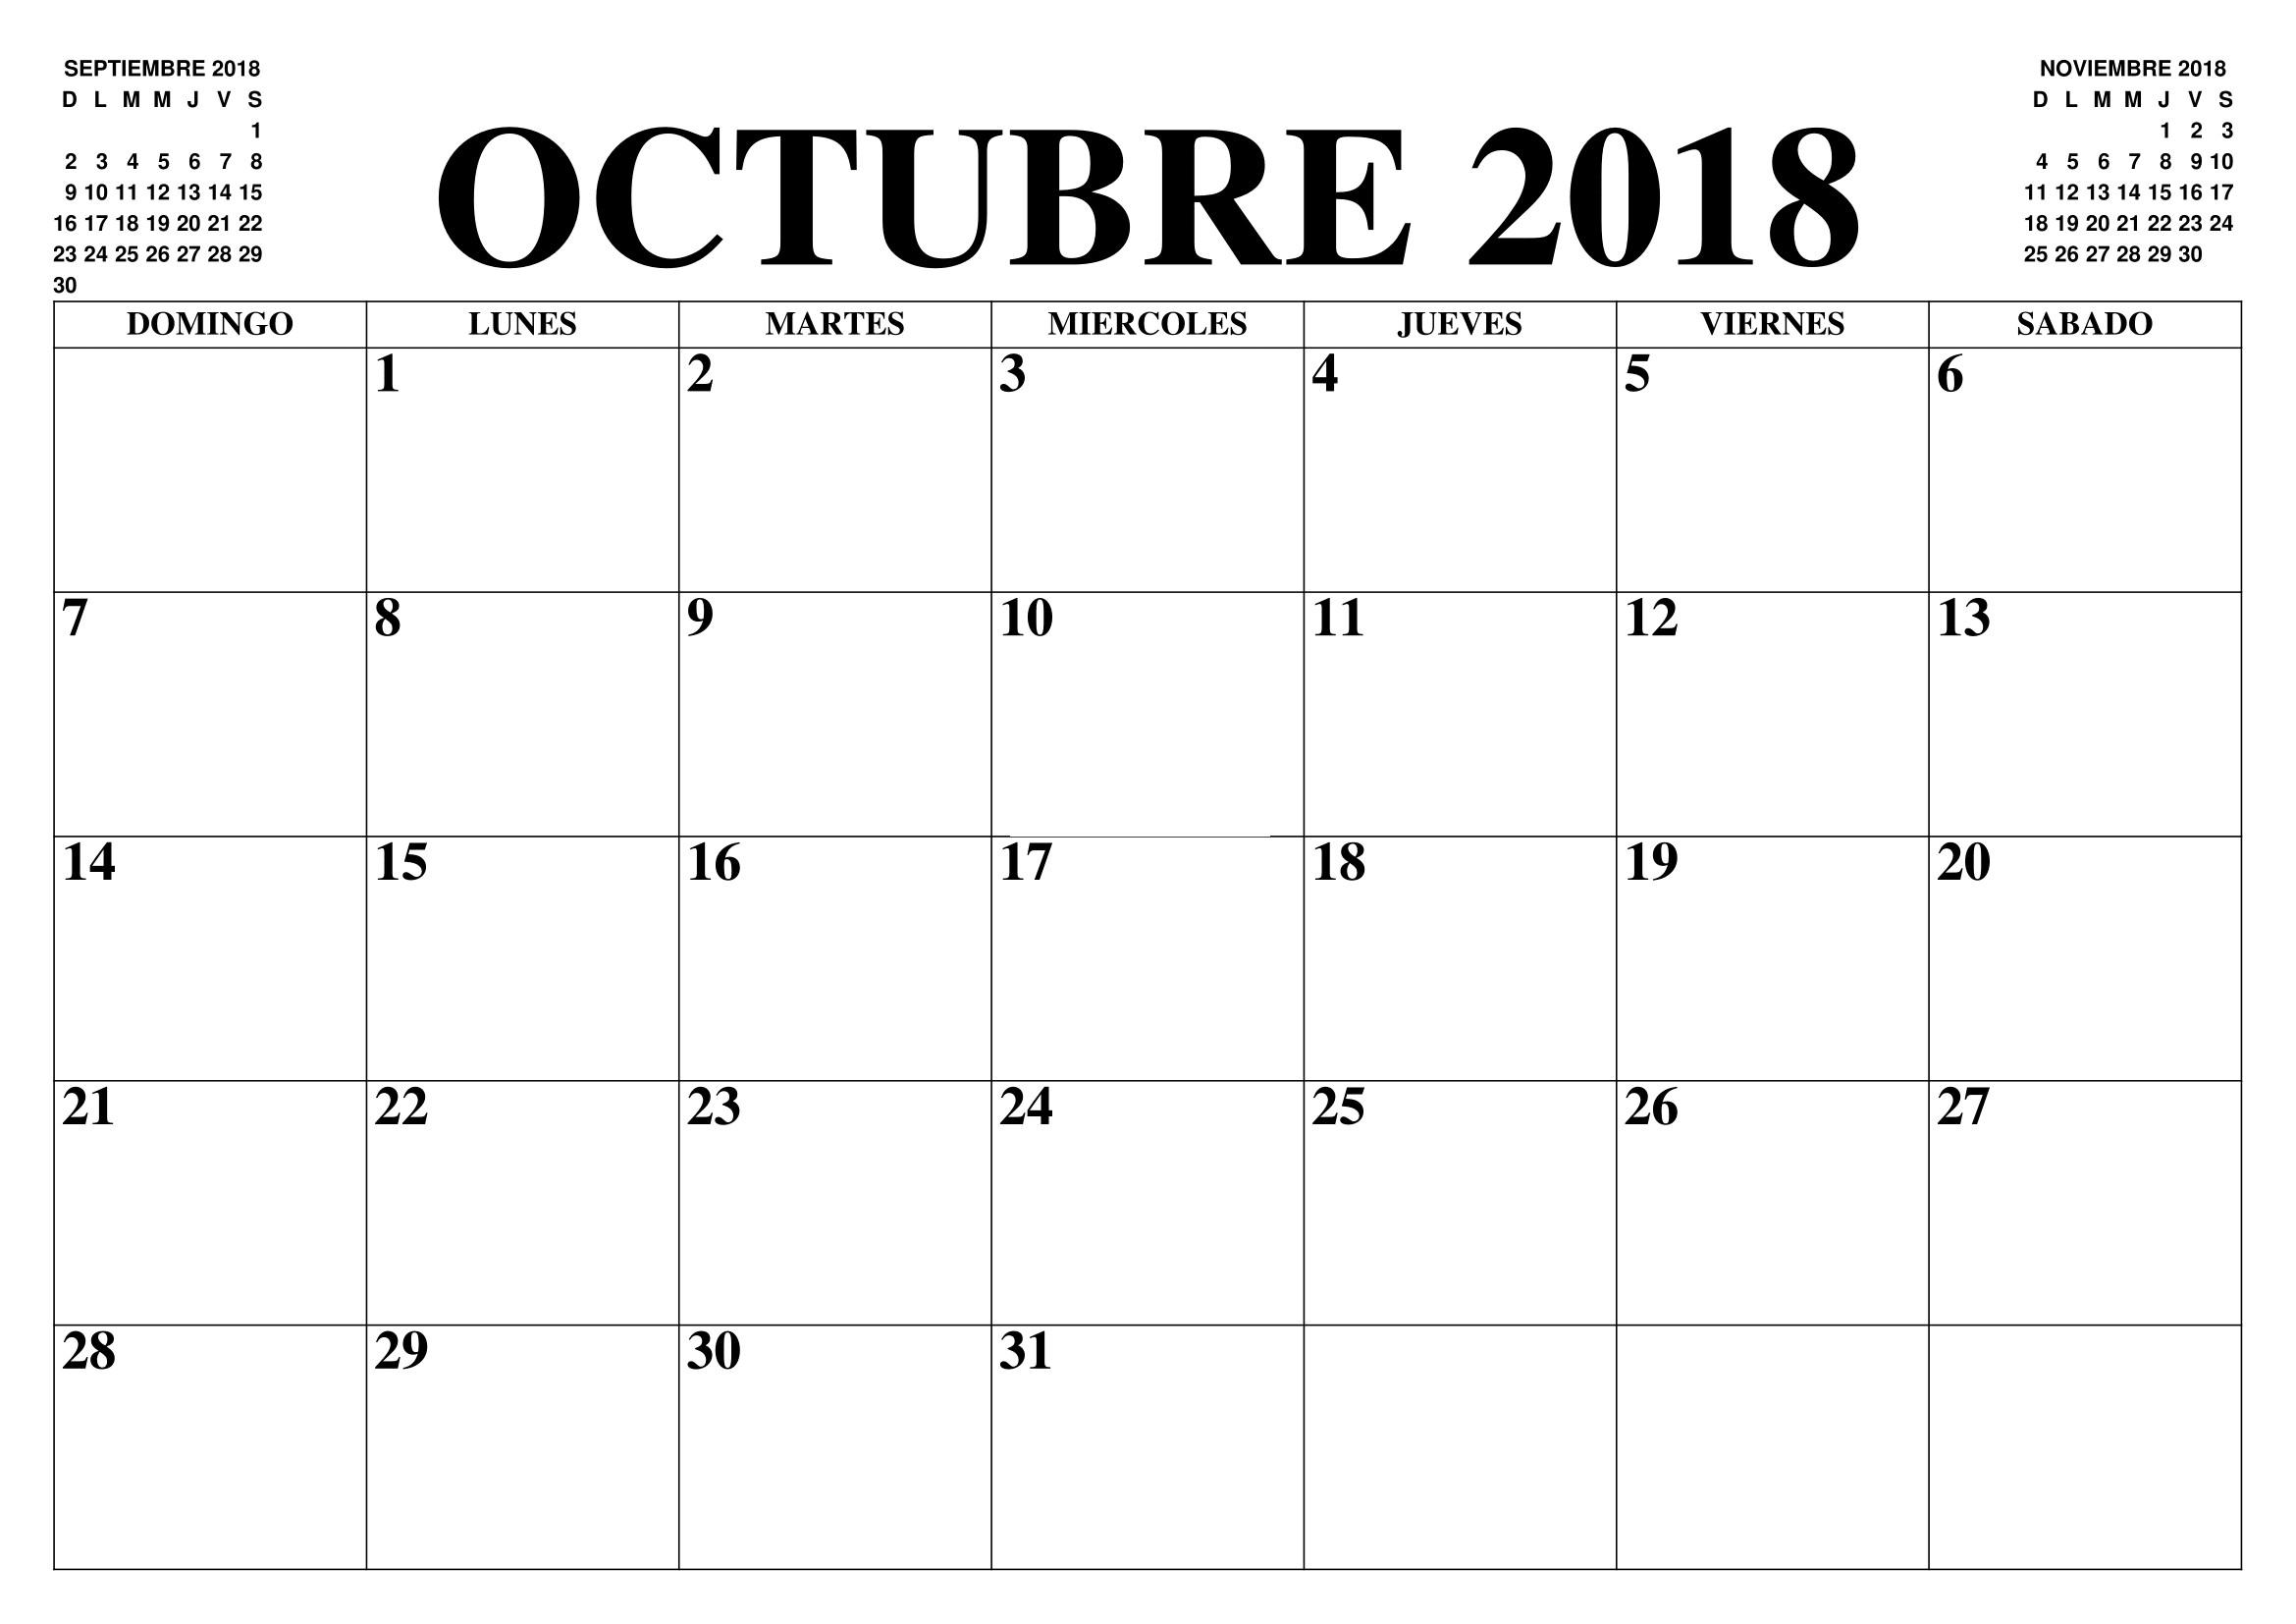 Calendario Mayo 2019 Argentina Más Actual Best Calendario Mes De Octubre Y Noviembre 2018 Image Collection